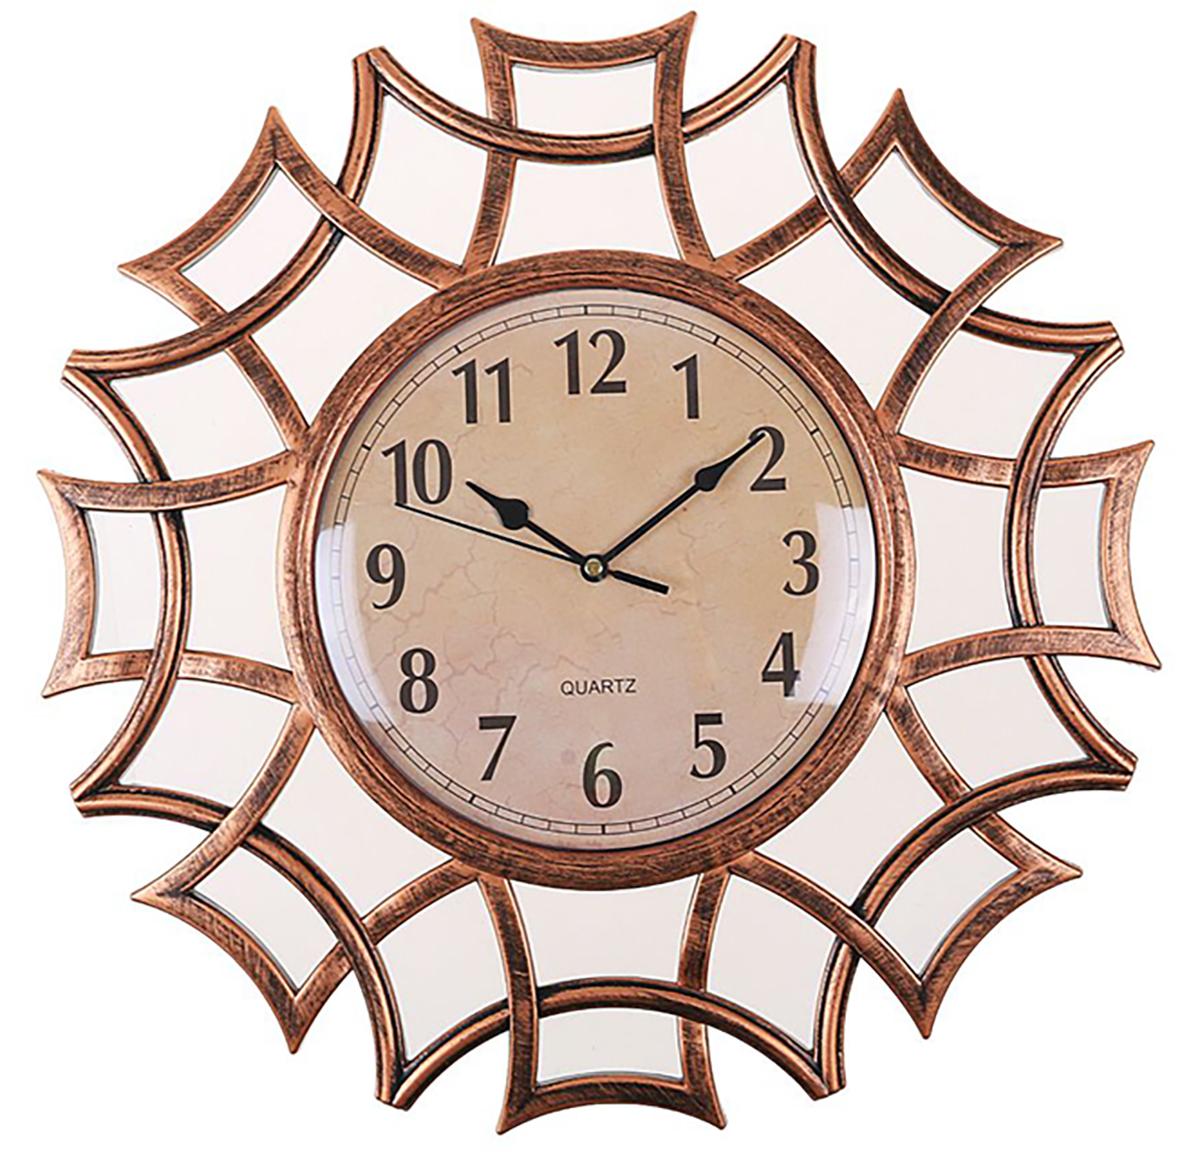 Часы настенные Лепнина, с 2 зеркалами, цвет: бронза, 40 х 40 см2354181Каждому хозяину периодически приходит мысль обновить свою квартиру, сделать ремонт, перестановку или кардинально поменять внешний вид каждой комнаты. — привлекательная деталь, которая поможет воплотить вашу интерьерную идею, создать неповторимую атмосферу в вашем доме. Окружите себя приятными мелочами, пусть они радуют глаз и дарят гармонию.Часы настенные Лепнина 2 зеркала,бронза, ветви 40*3*40 см 2354181